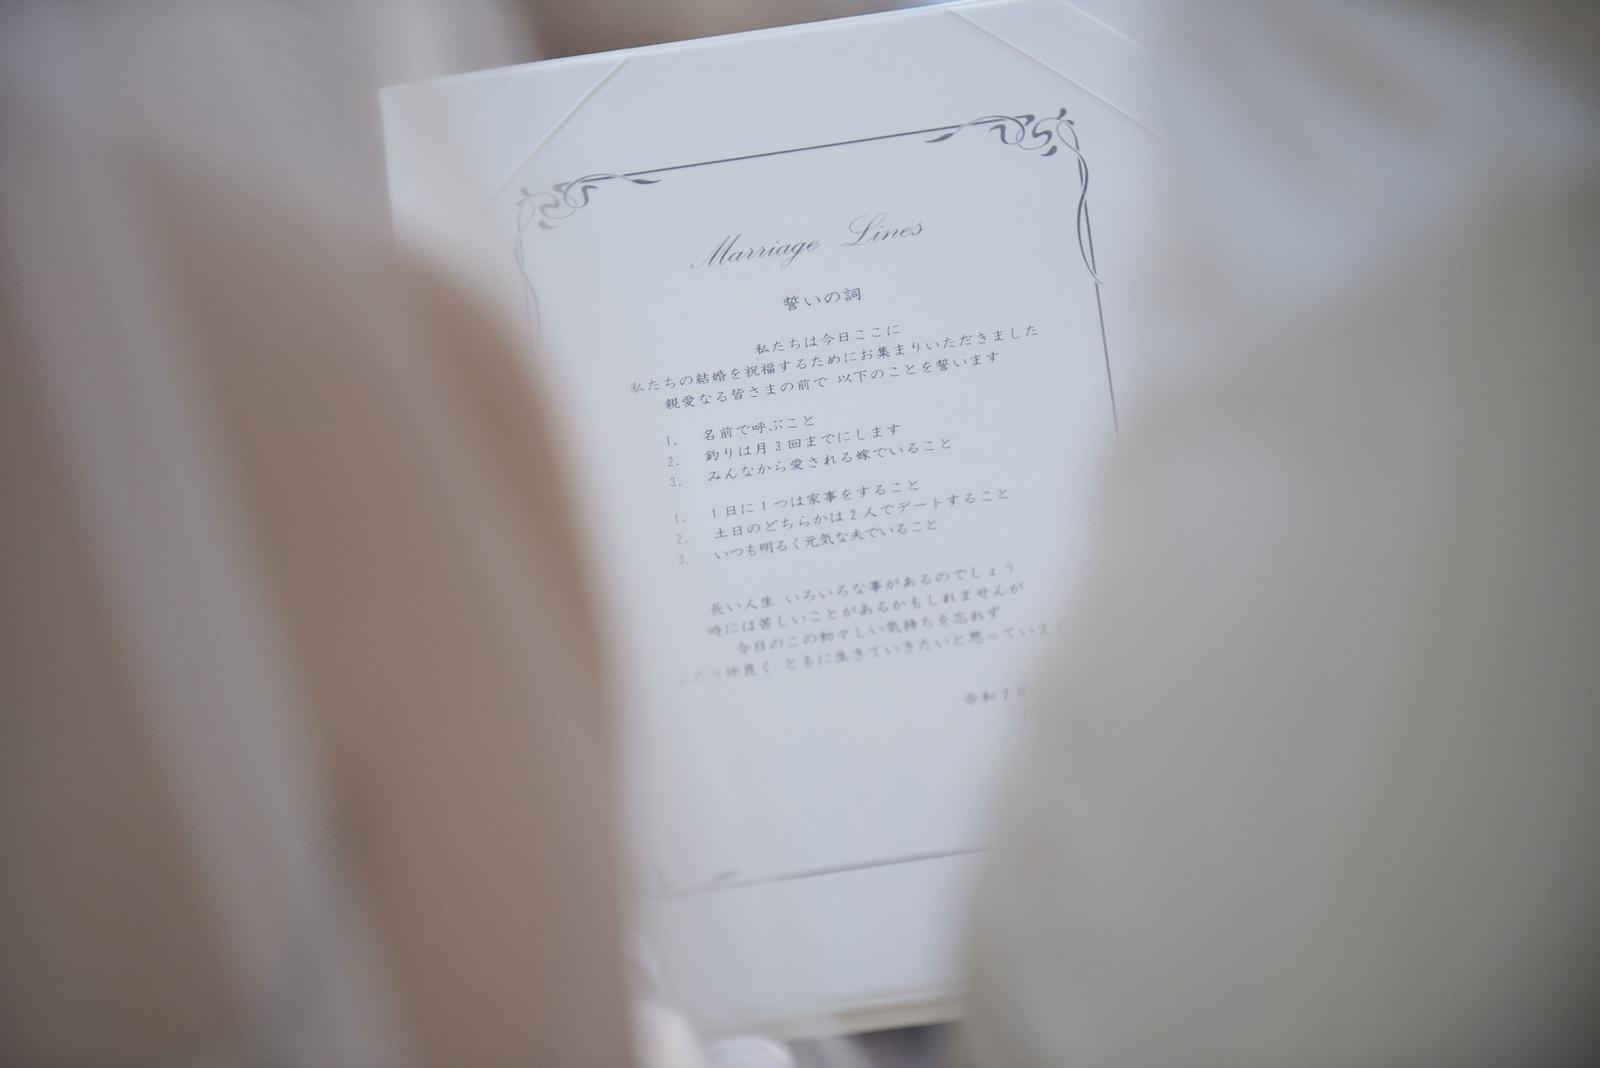 徳島市の結婚式場ブランアンジュで新郎新婦様が用意した結婚の誓いの詞